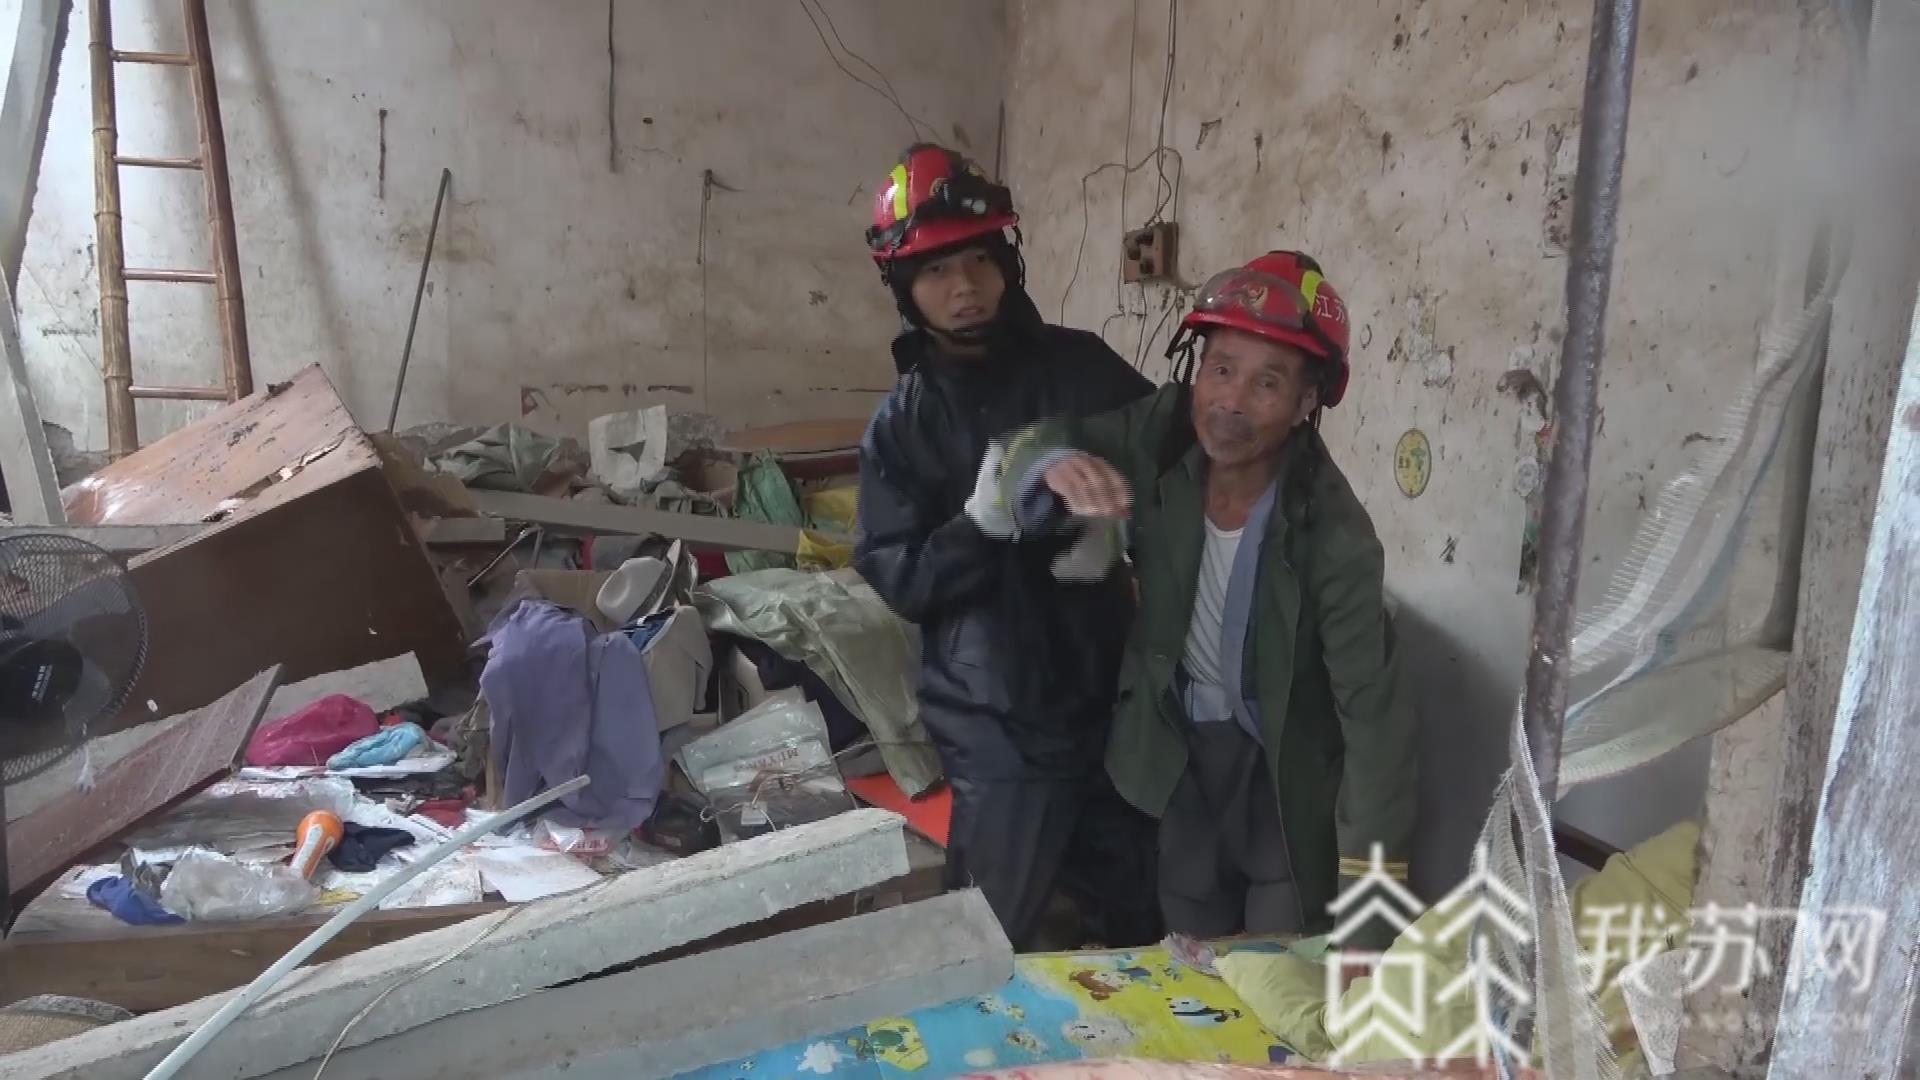 老人:消防救出被困老人 连云港:强降雨致房屋坍塌